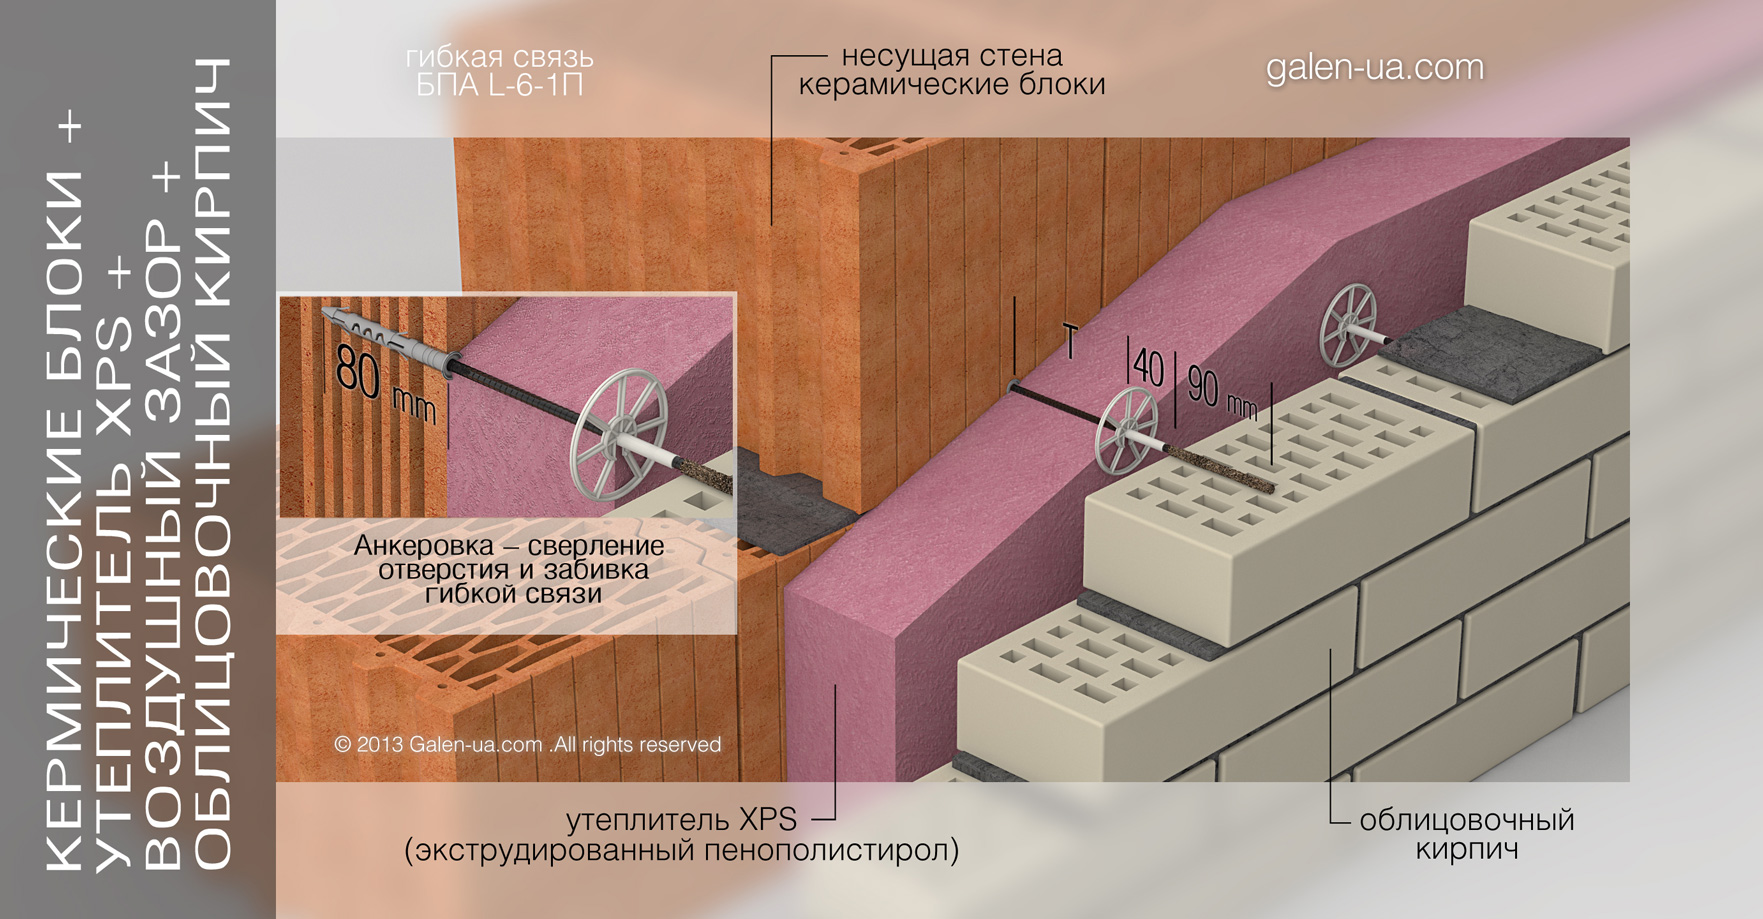 Гибкая связь БПА L-6-1П: Керамический блок + Утеплитель XPS + Воздушный зазор + Облицовочный кирпич